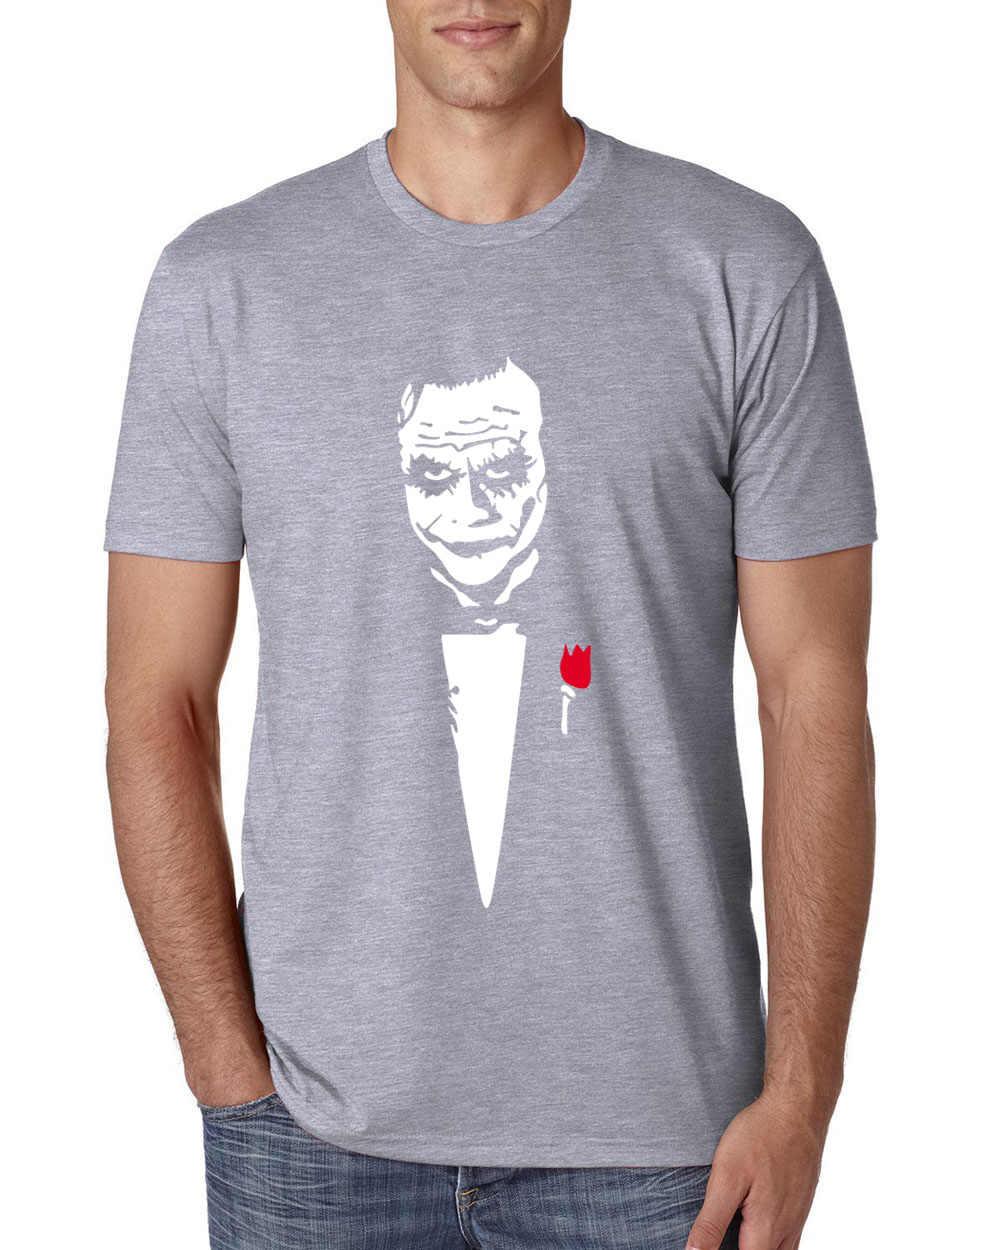 Harajuku короткий рукав хип-хоп топы летняя рубашка забавный Джокер хит повседневные camisetas почему так много Футболка Мужская хлопковая футболка 2019